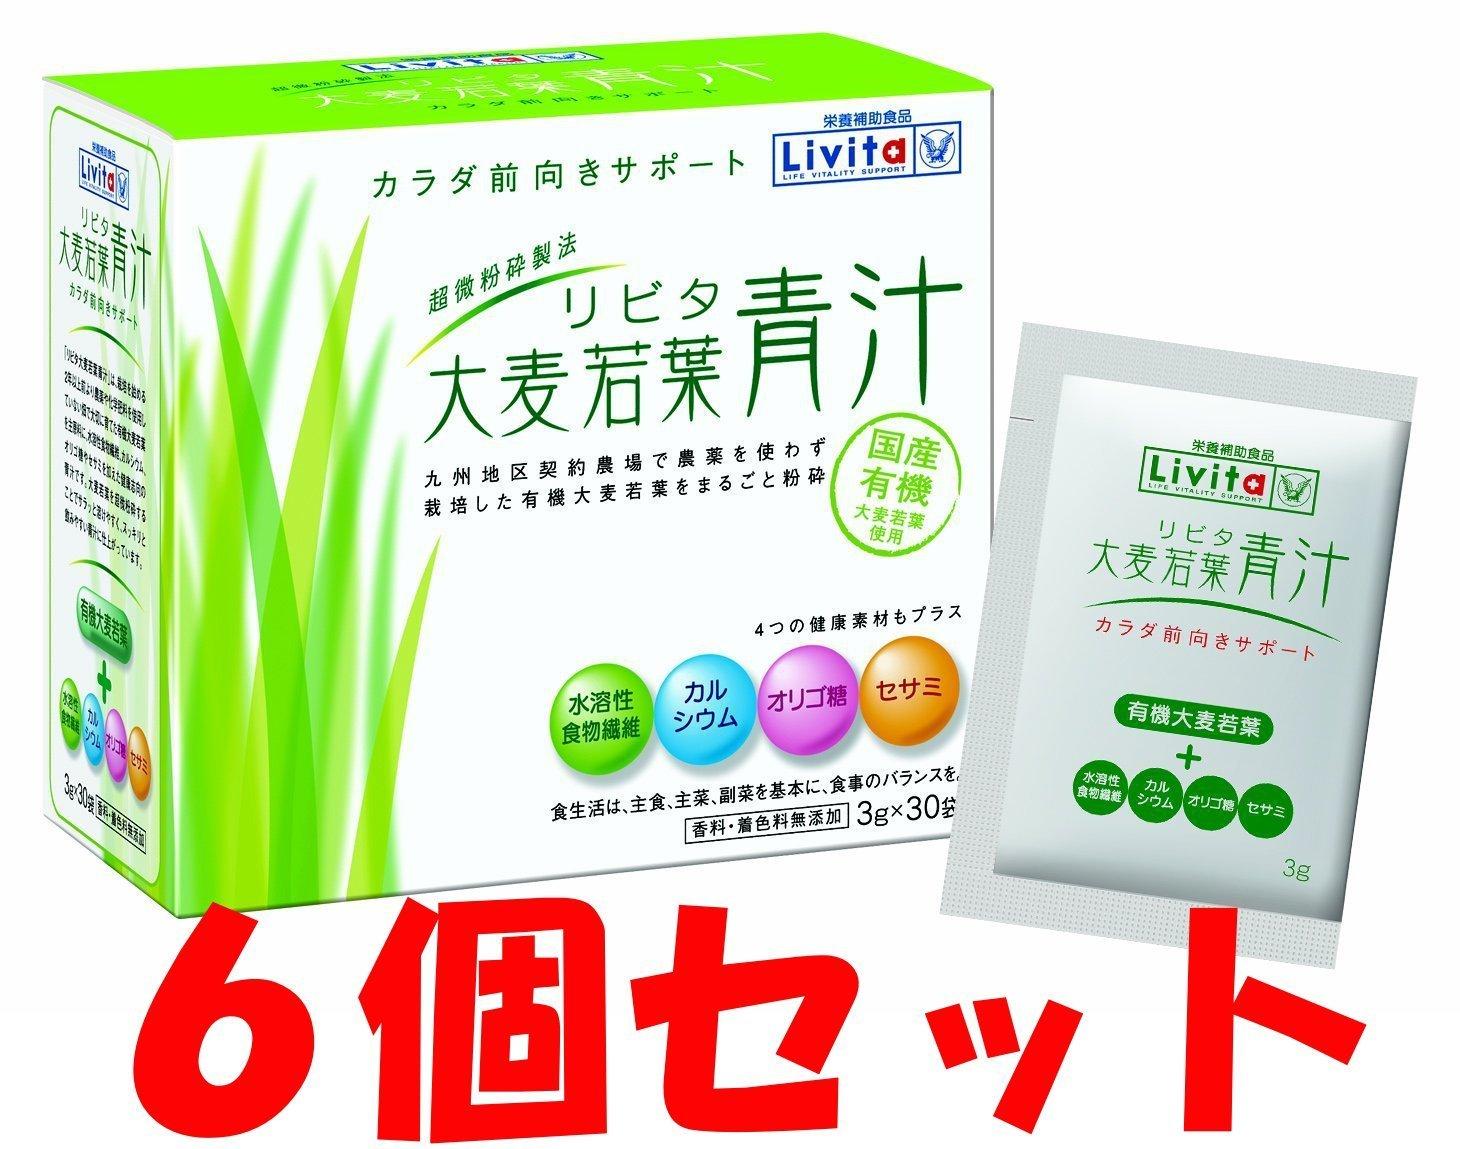 【6個セット】大正製薬 リビタ大麦若葉青汁 3g×30袋 B01GV9A8KK